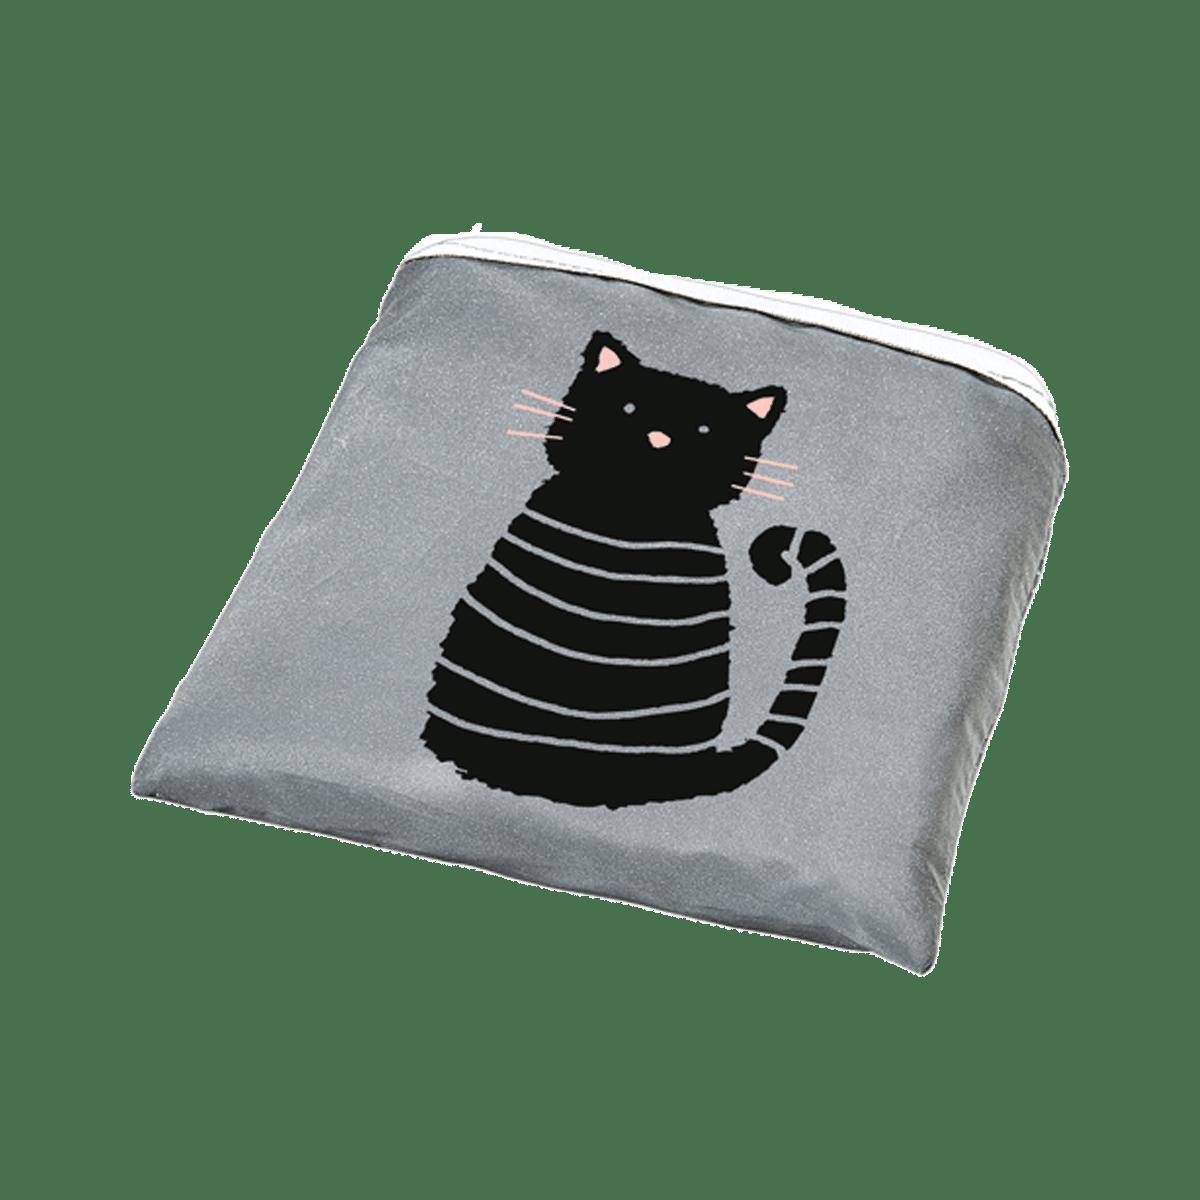 Vik ihop din shoppingkasse med kattmotiv